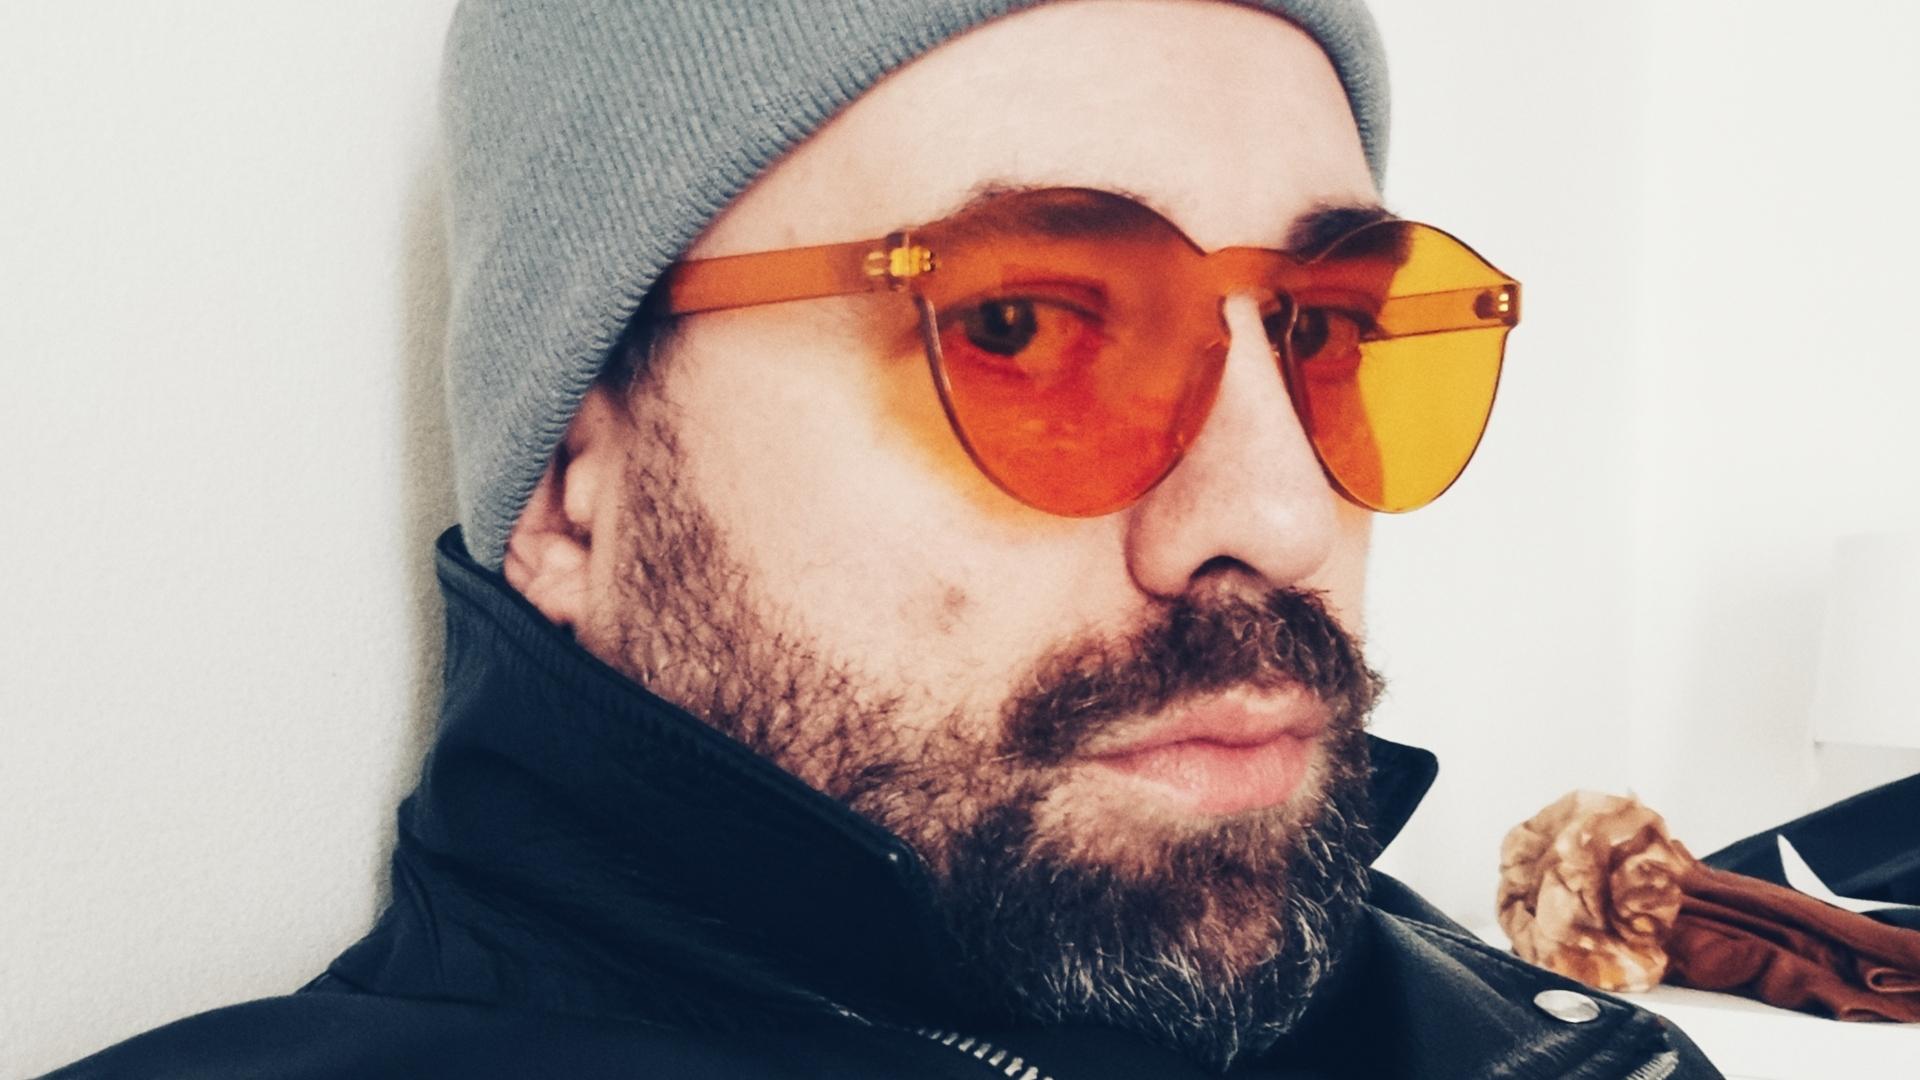 """Само за The Site - интервю със създателя на филма """"Кораба слънчоглед"""" 3  - Васил Горанов (Пепе Джордж)"""